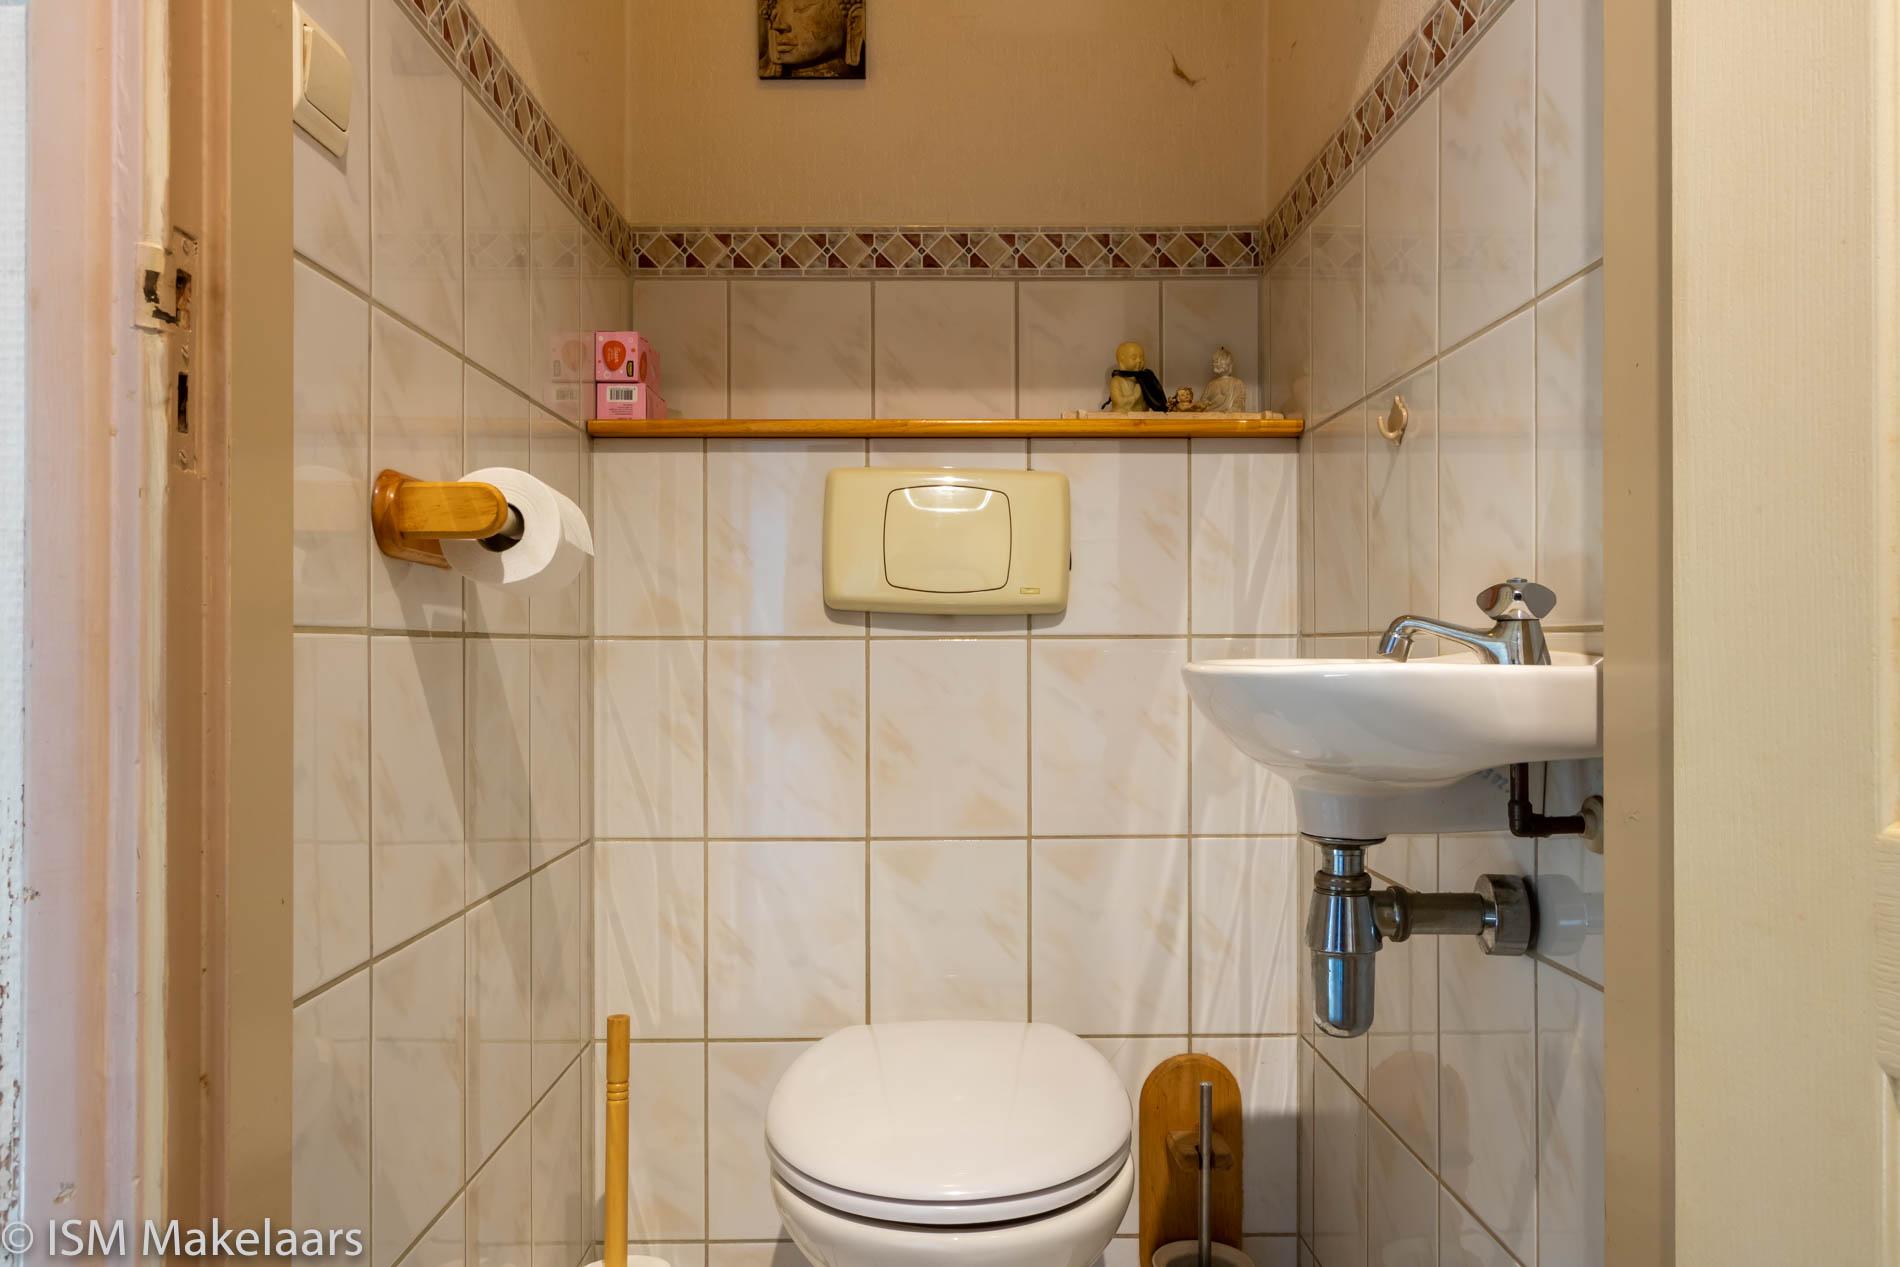 toilet  Paul Krugerstraat 389 vlissingen ism makelaars